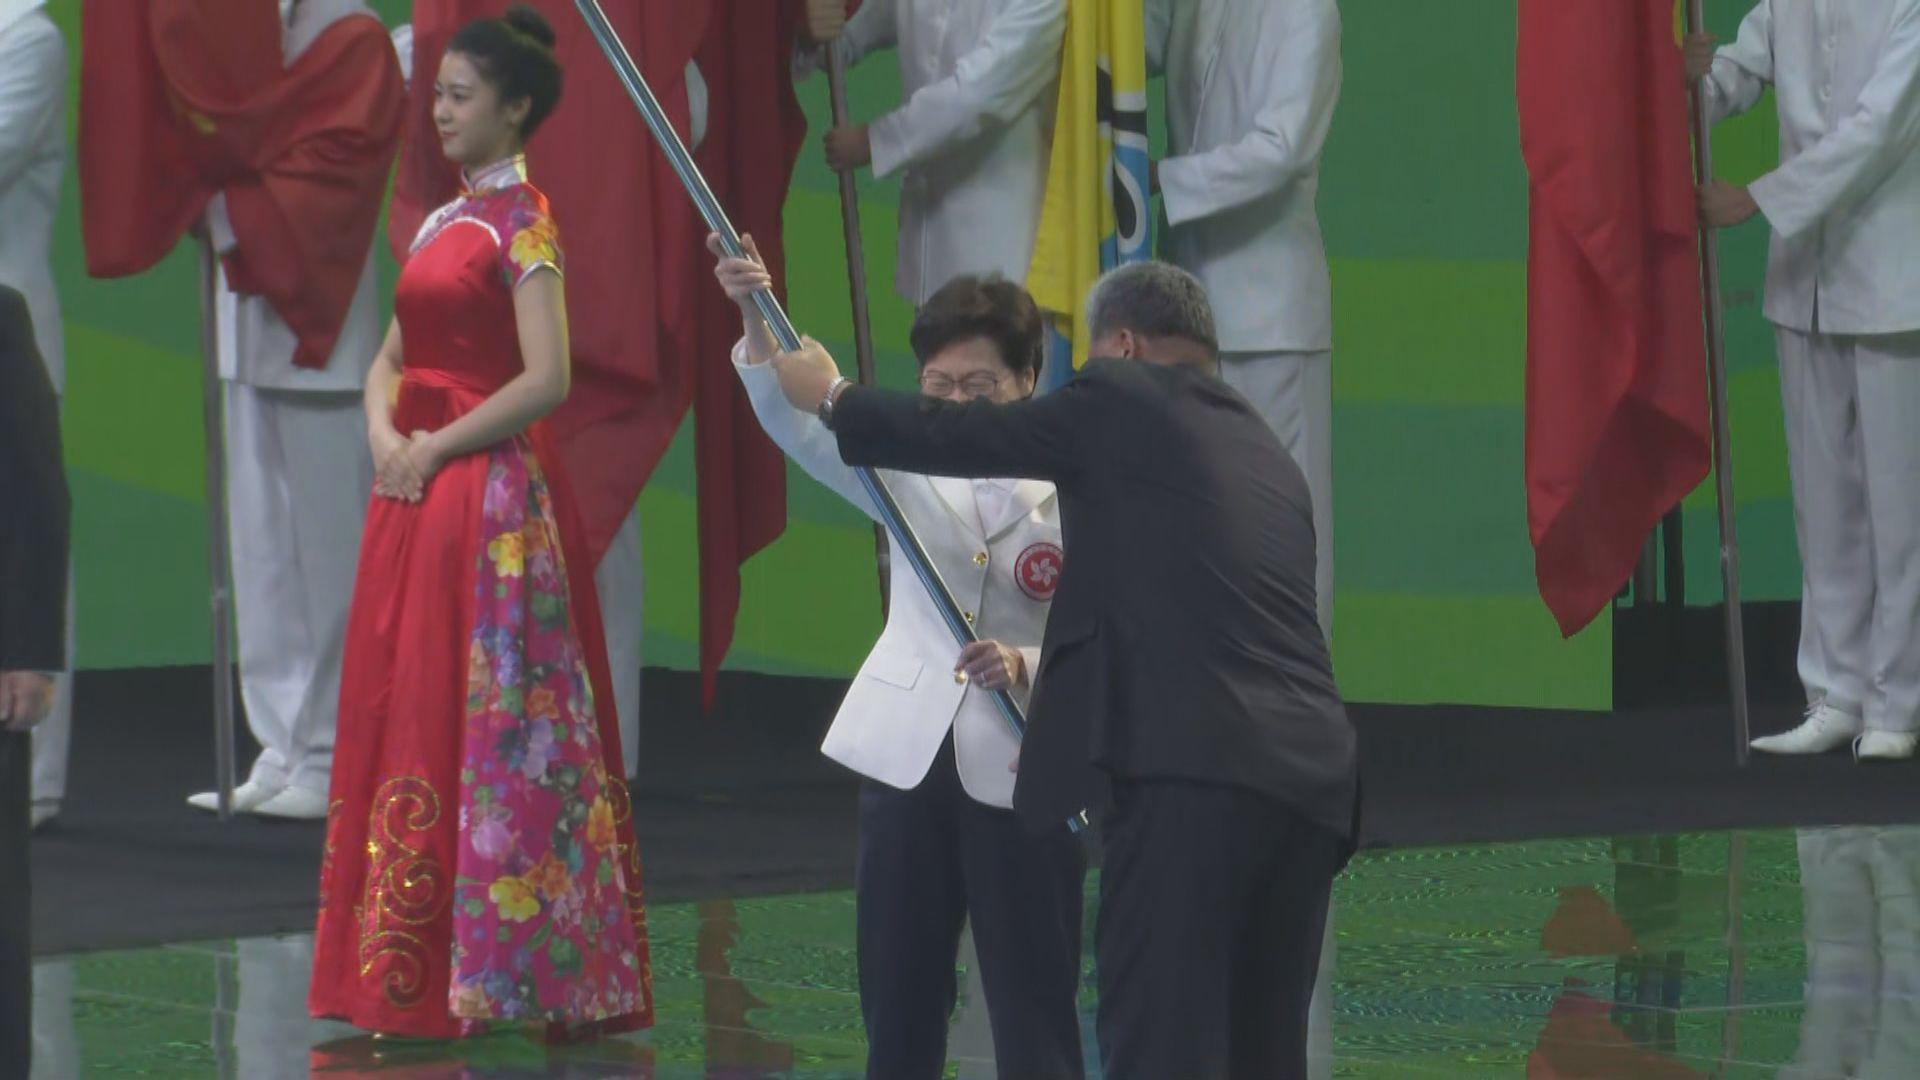 全運會晚上閉幕 授旗給下屆主辦方粵港澳三地